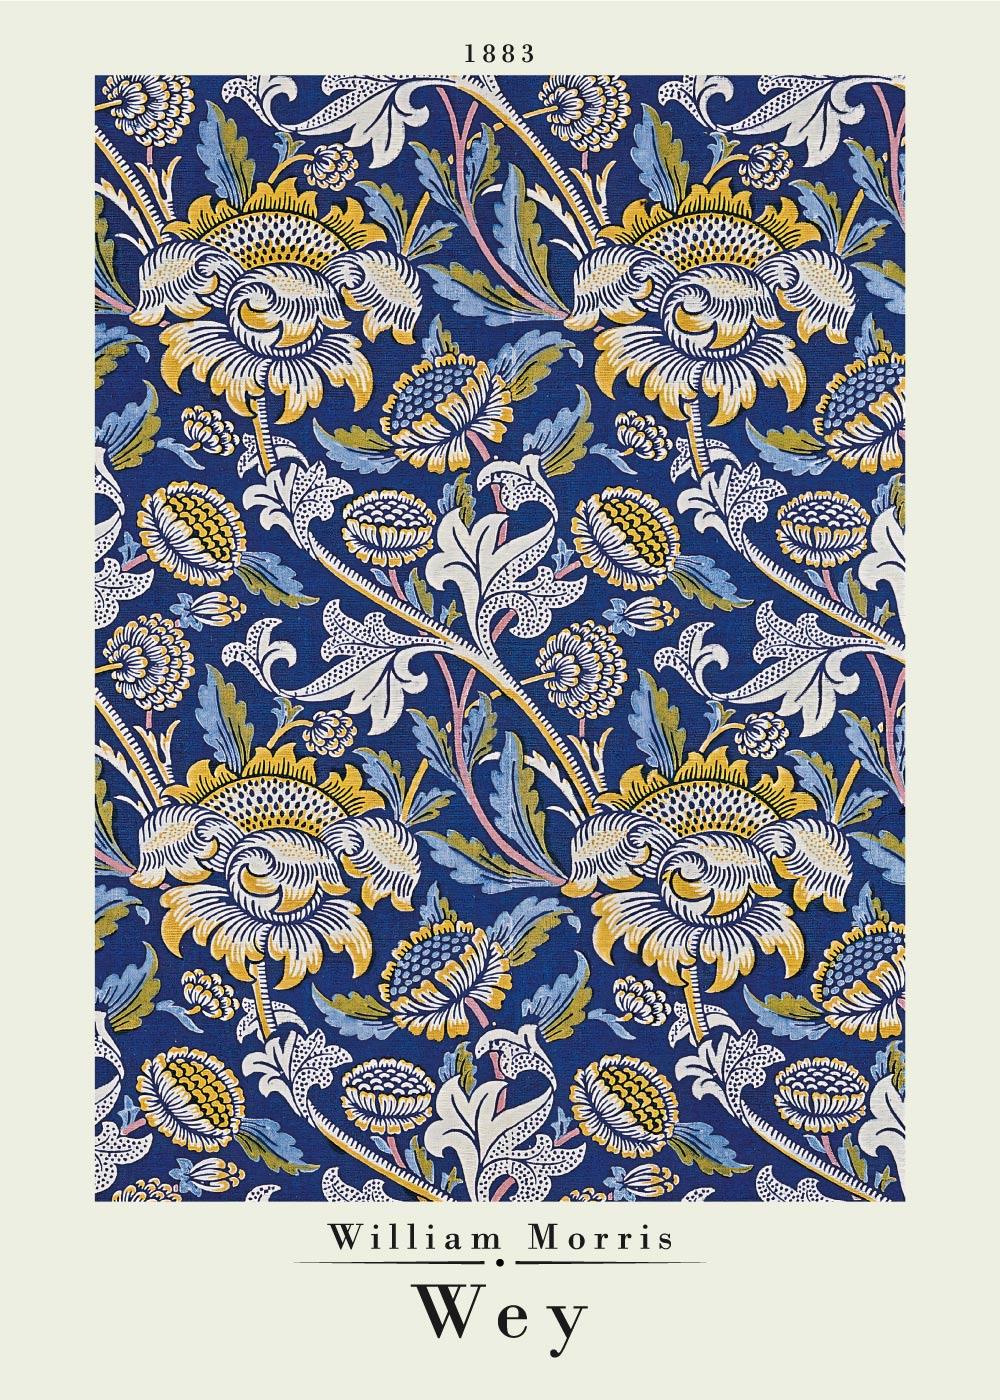 Billede af Wey - William Morris kunstplakat